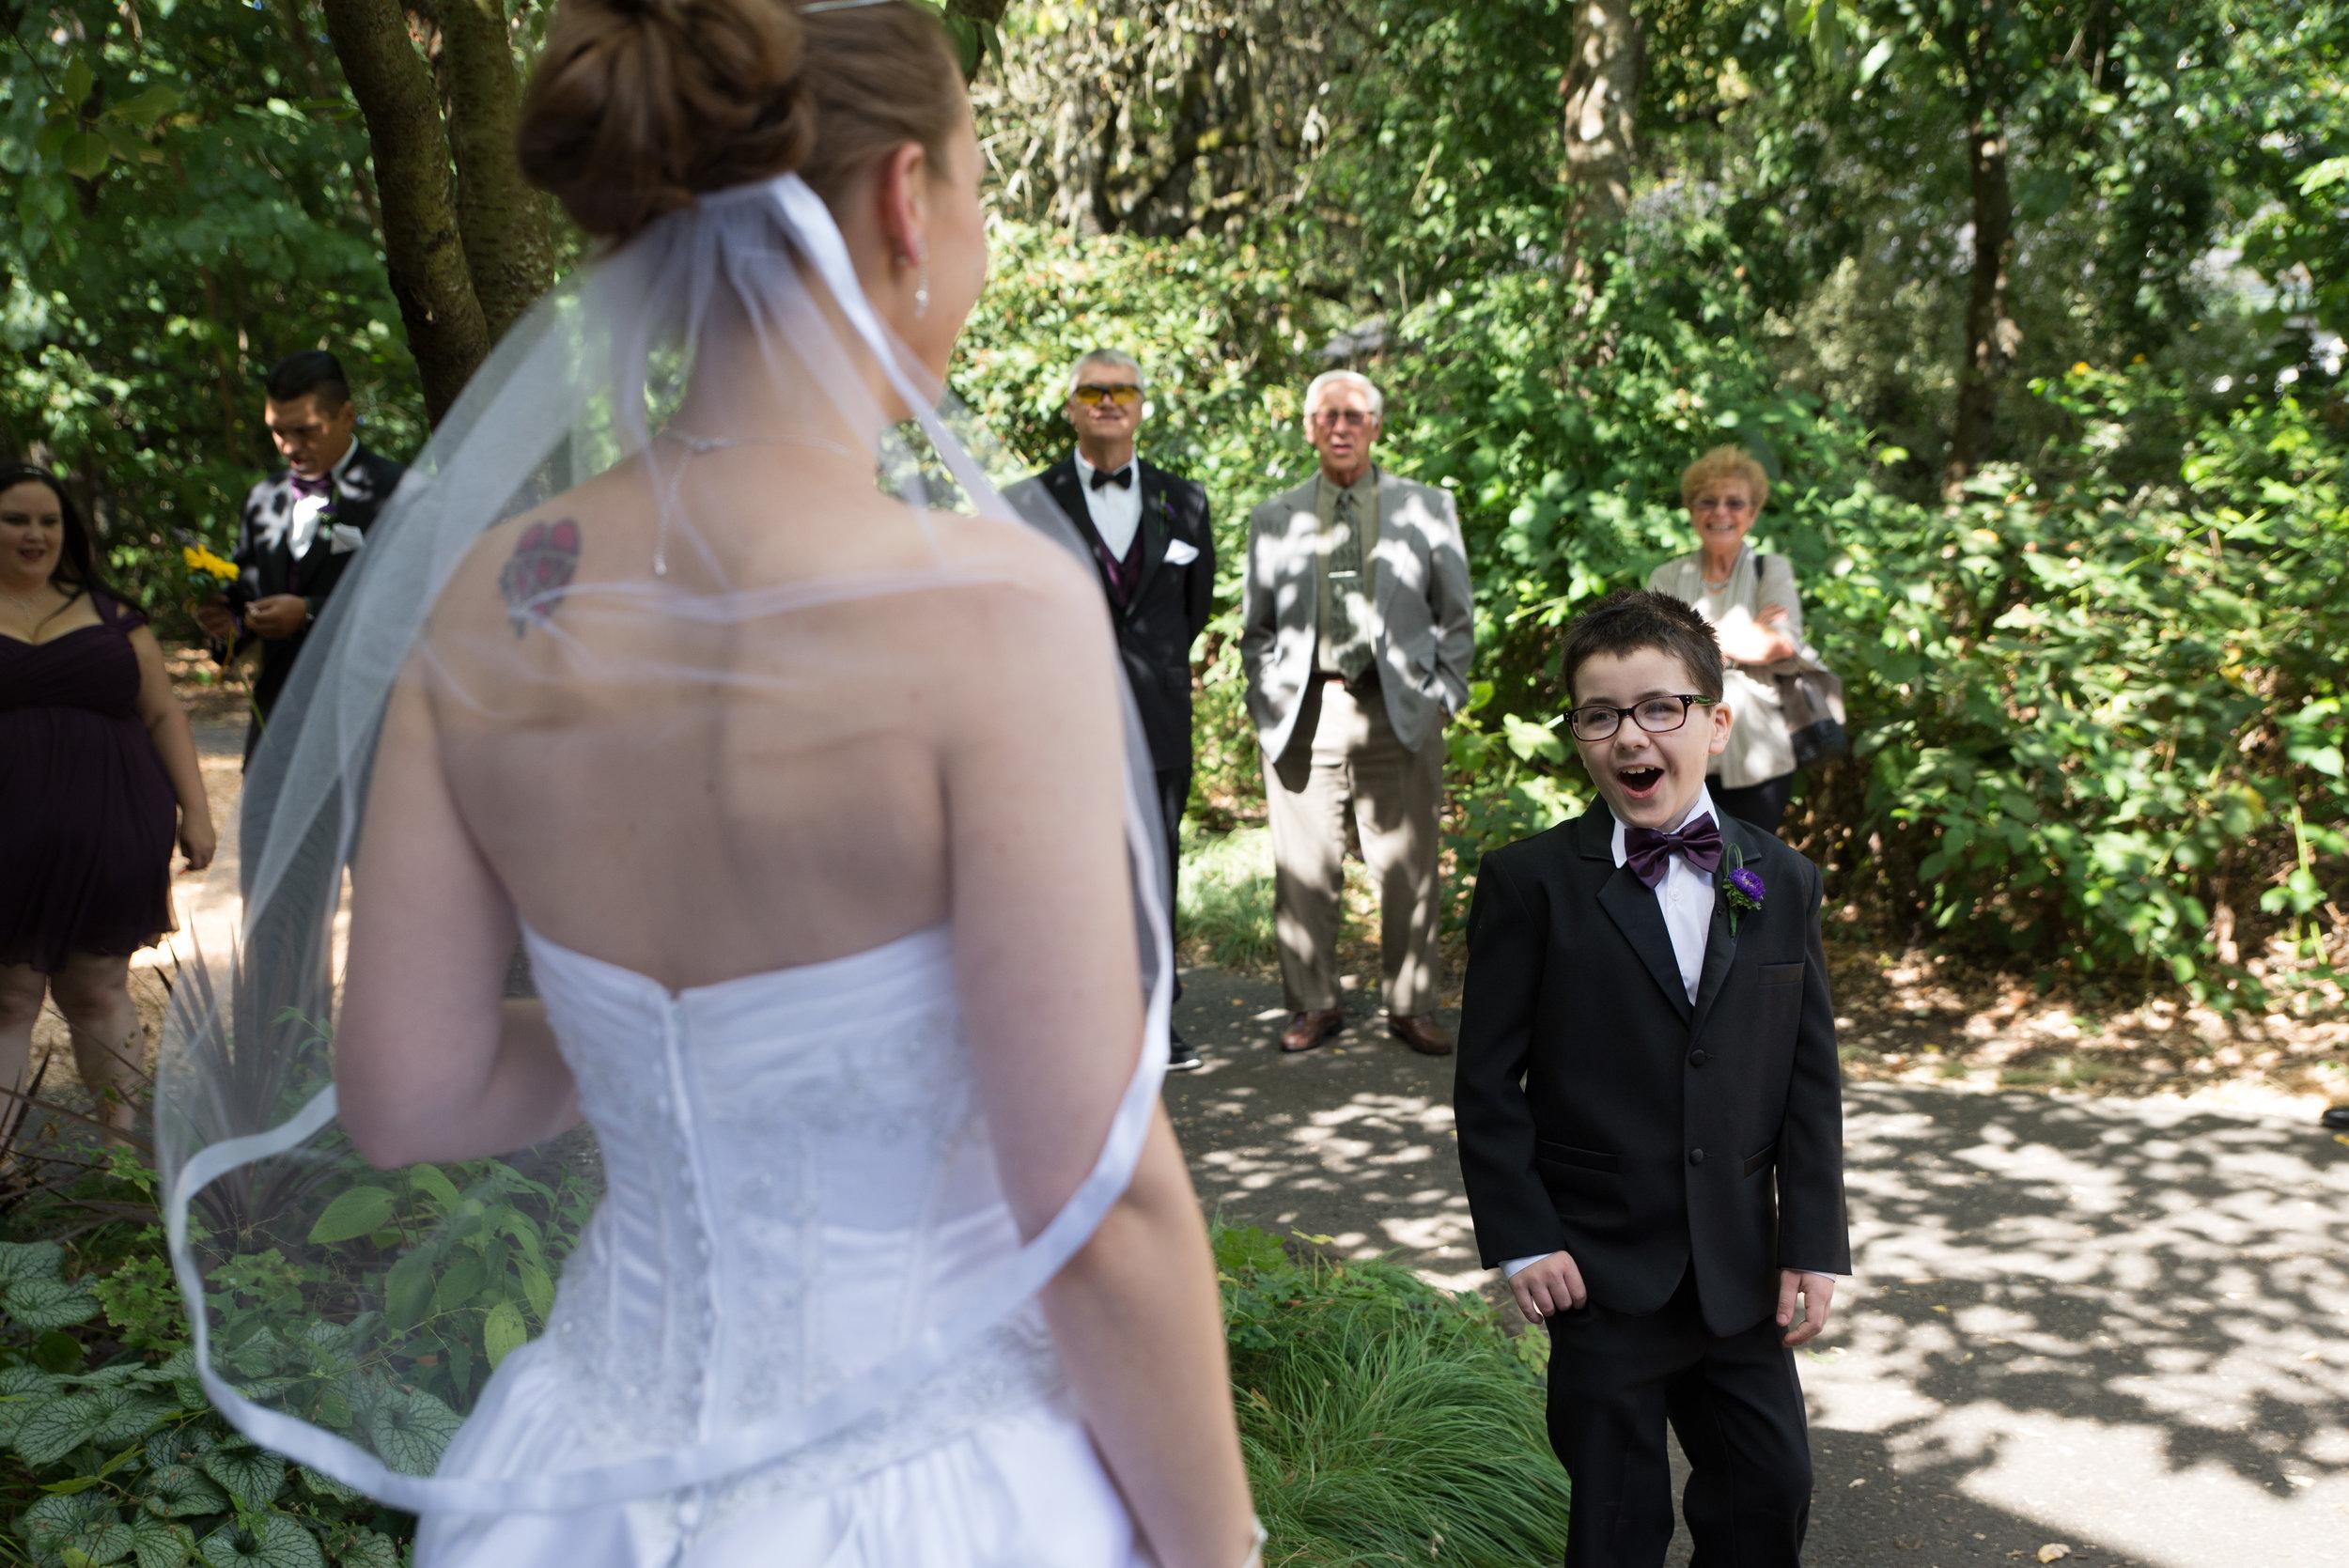 anthony_wedding_website (1 of 1).jpeg